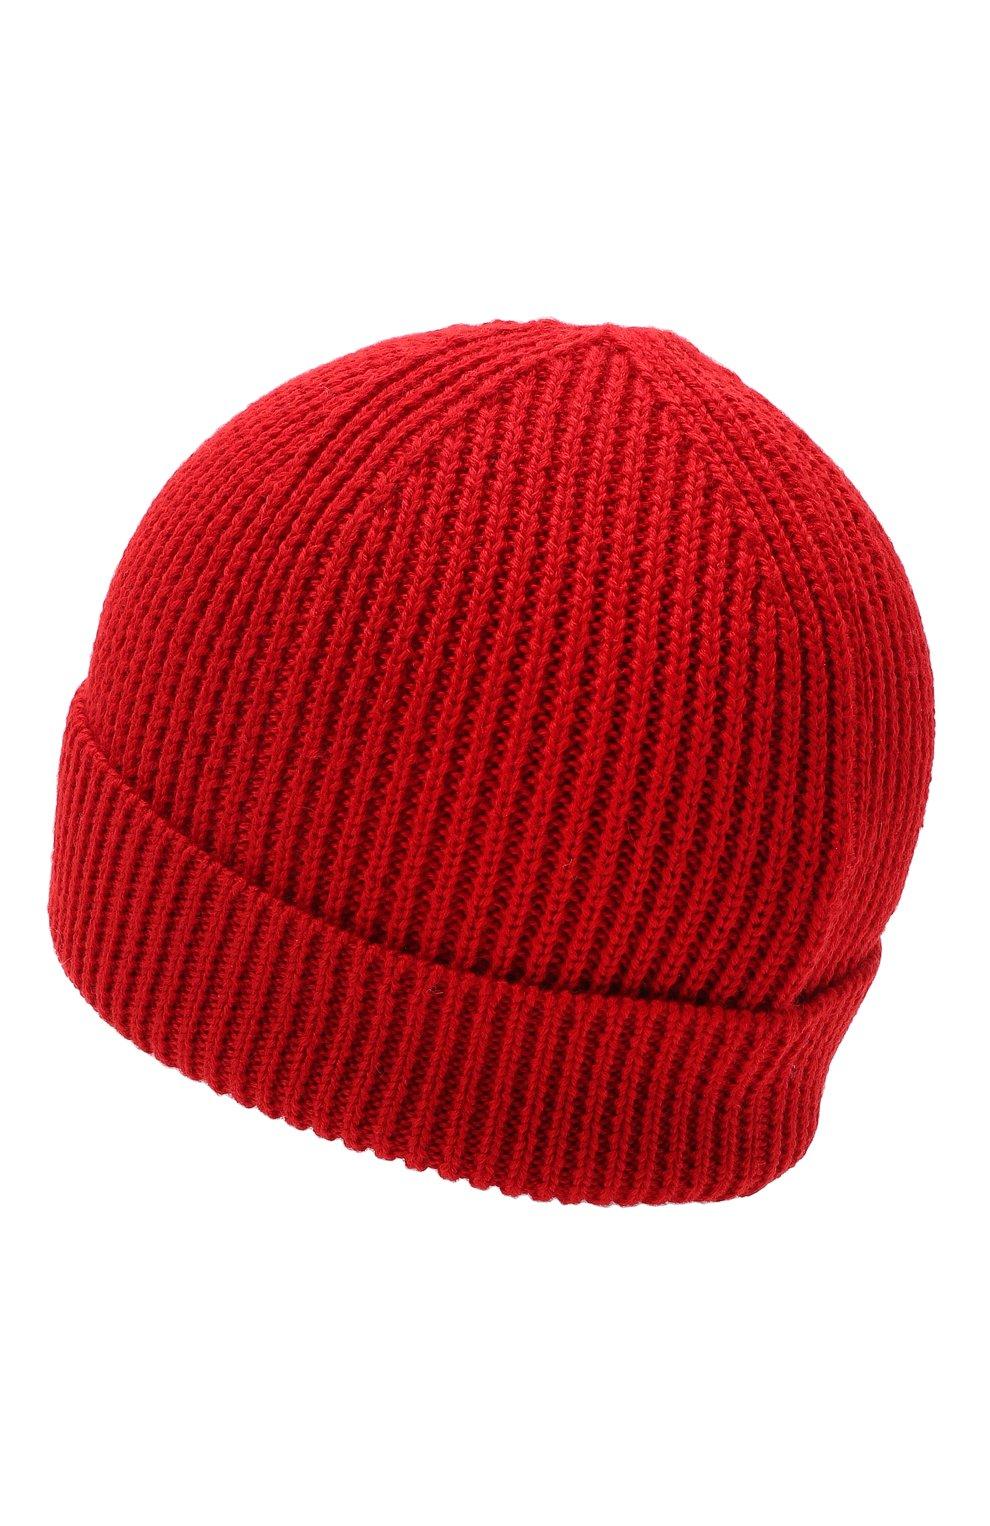 Детского шапка MARCELO BURLON KIDS OF MILAN красного цвета, арт. 20I/B/MB/9101/7072 | Фото 2